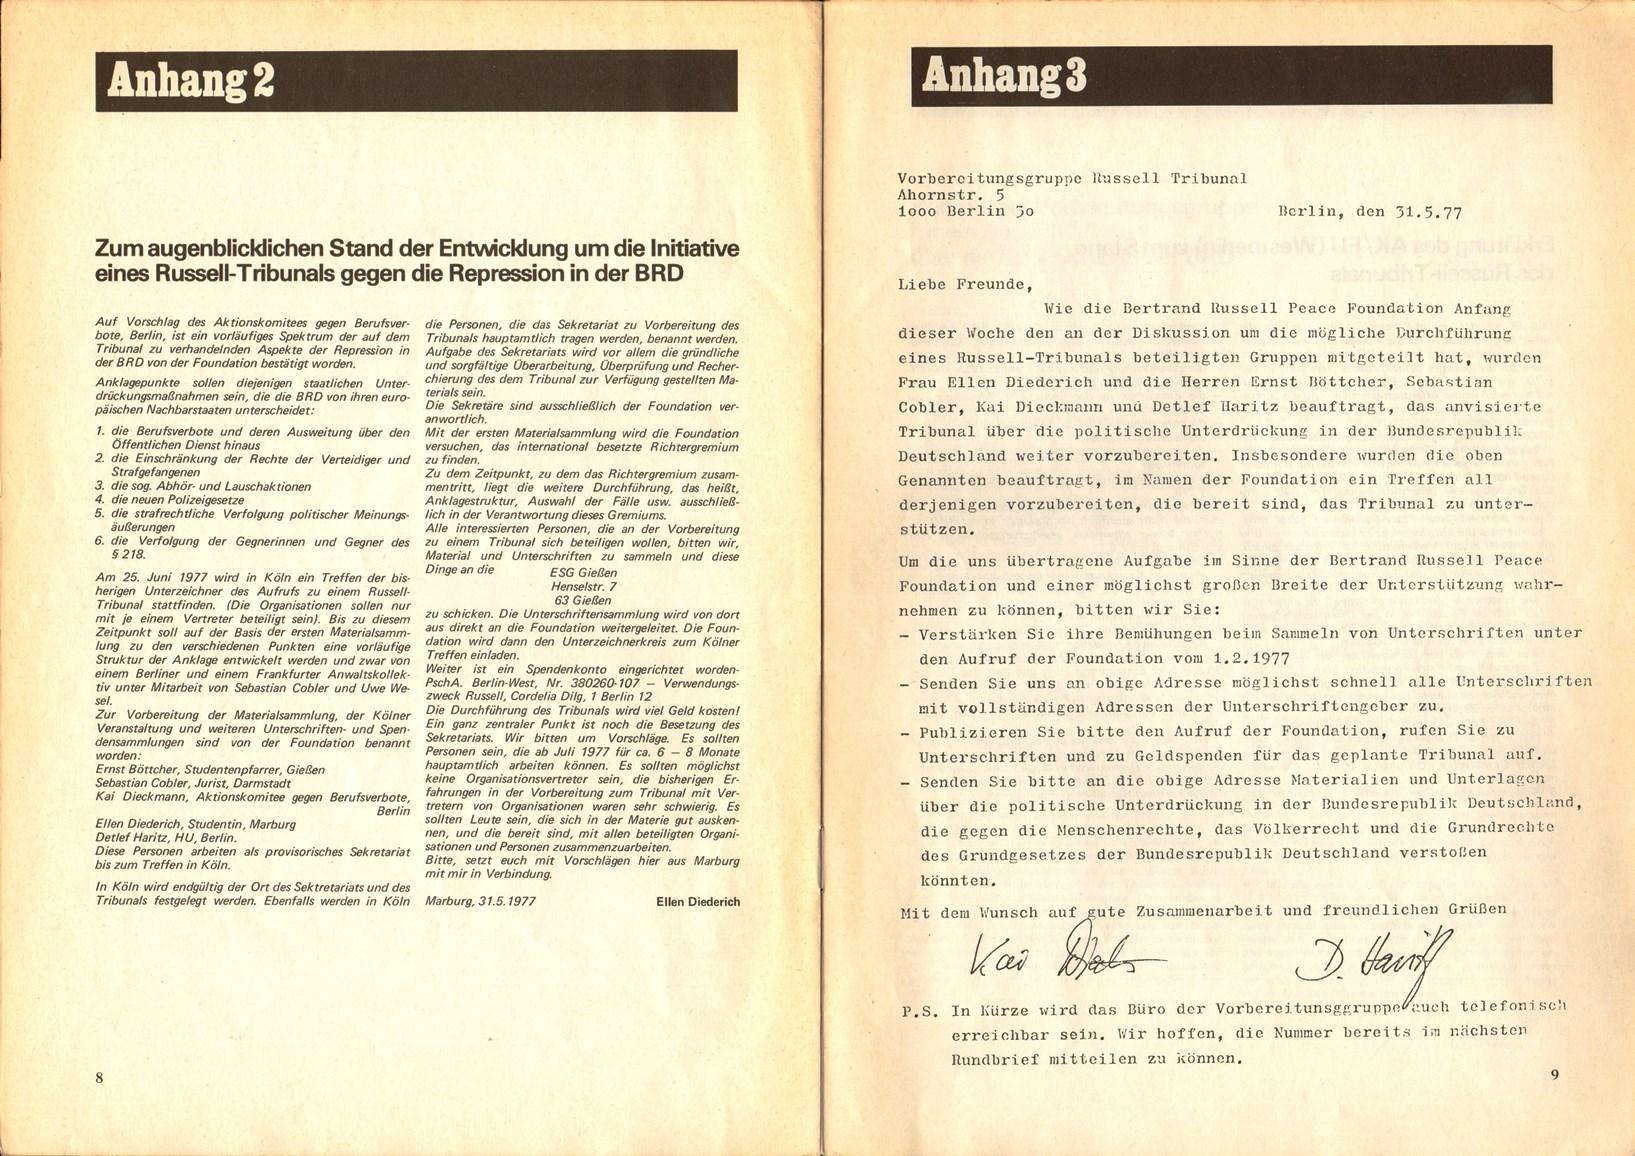 KB_Anti_Repressionsinfo_02_1977_04